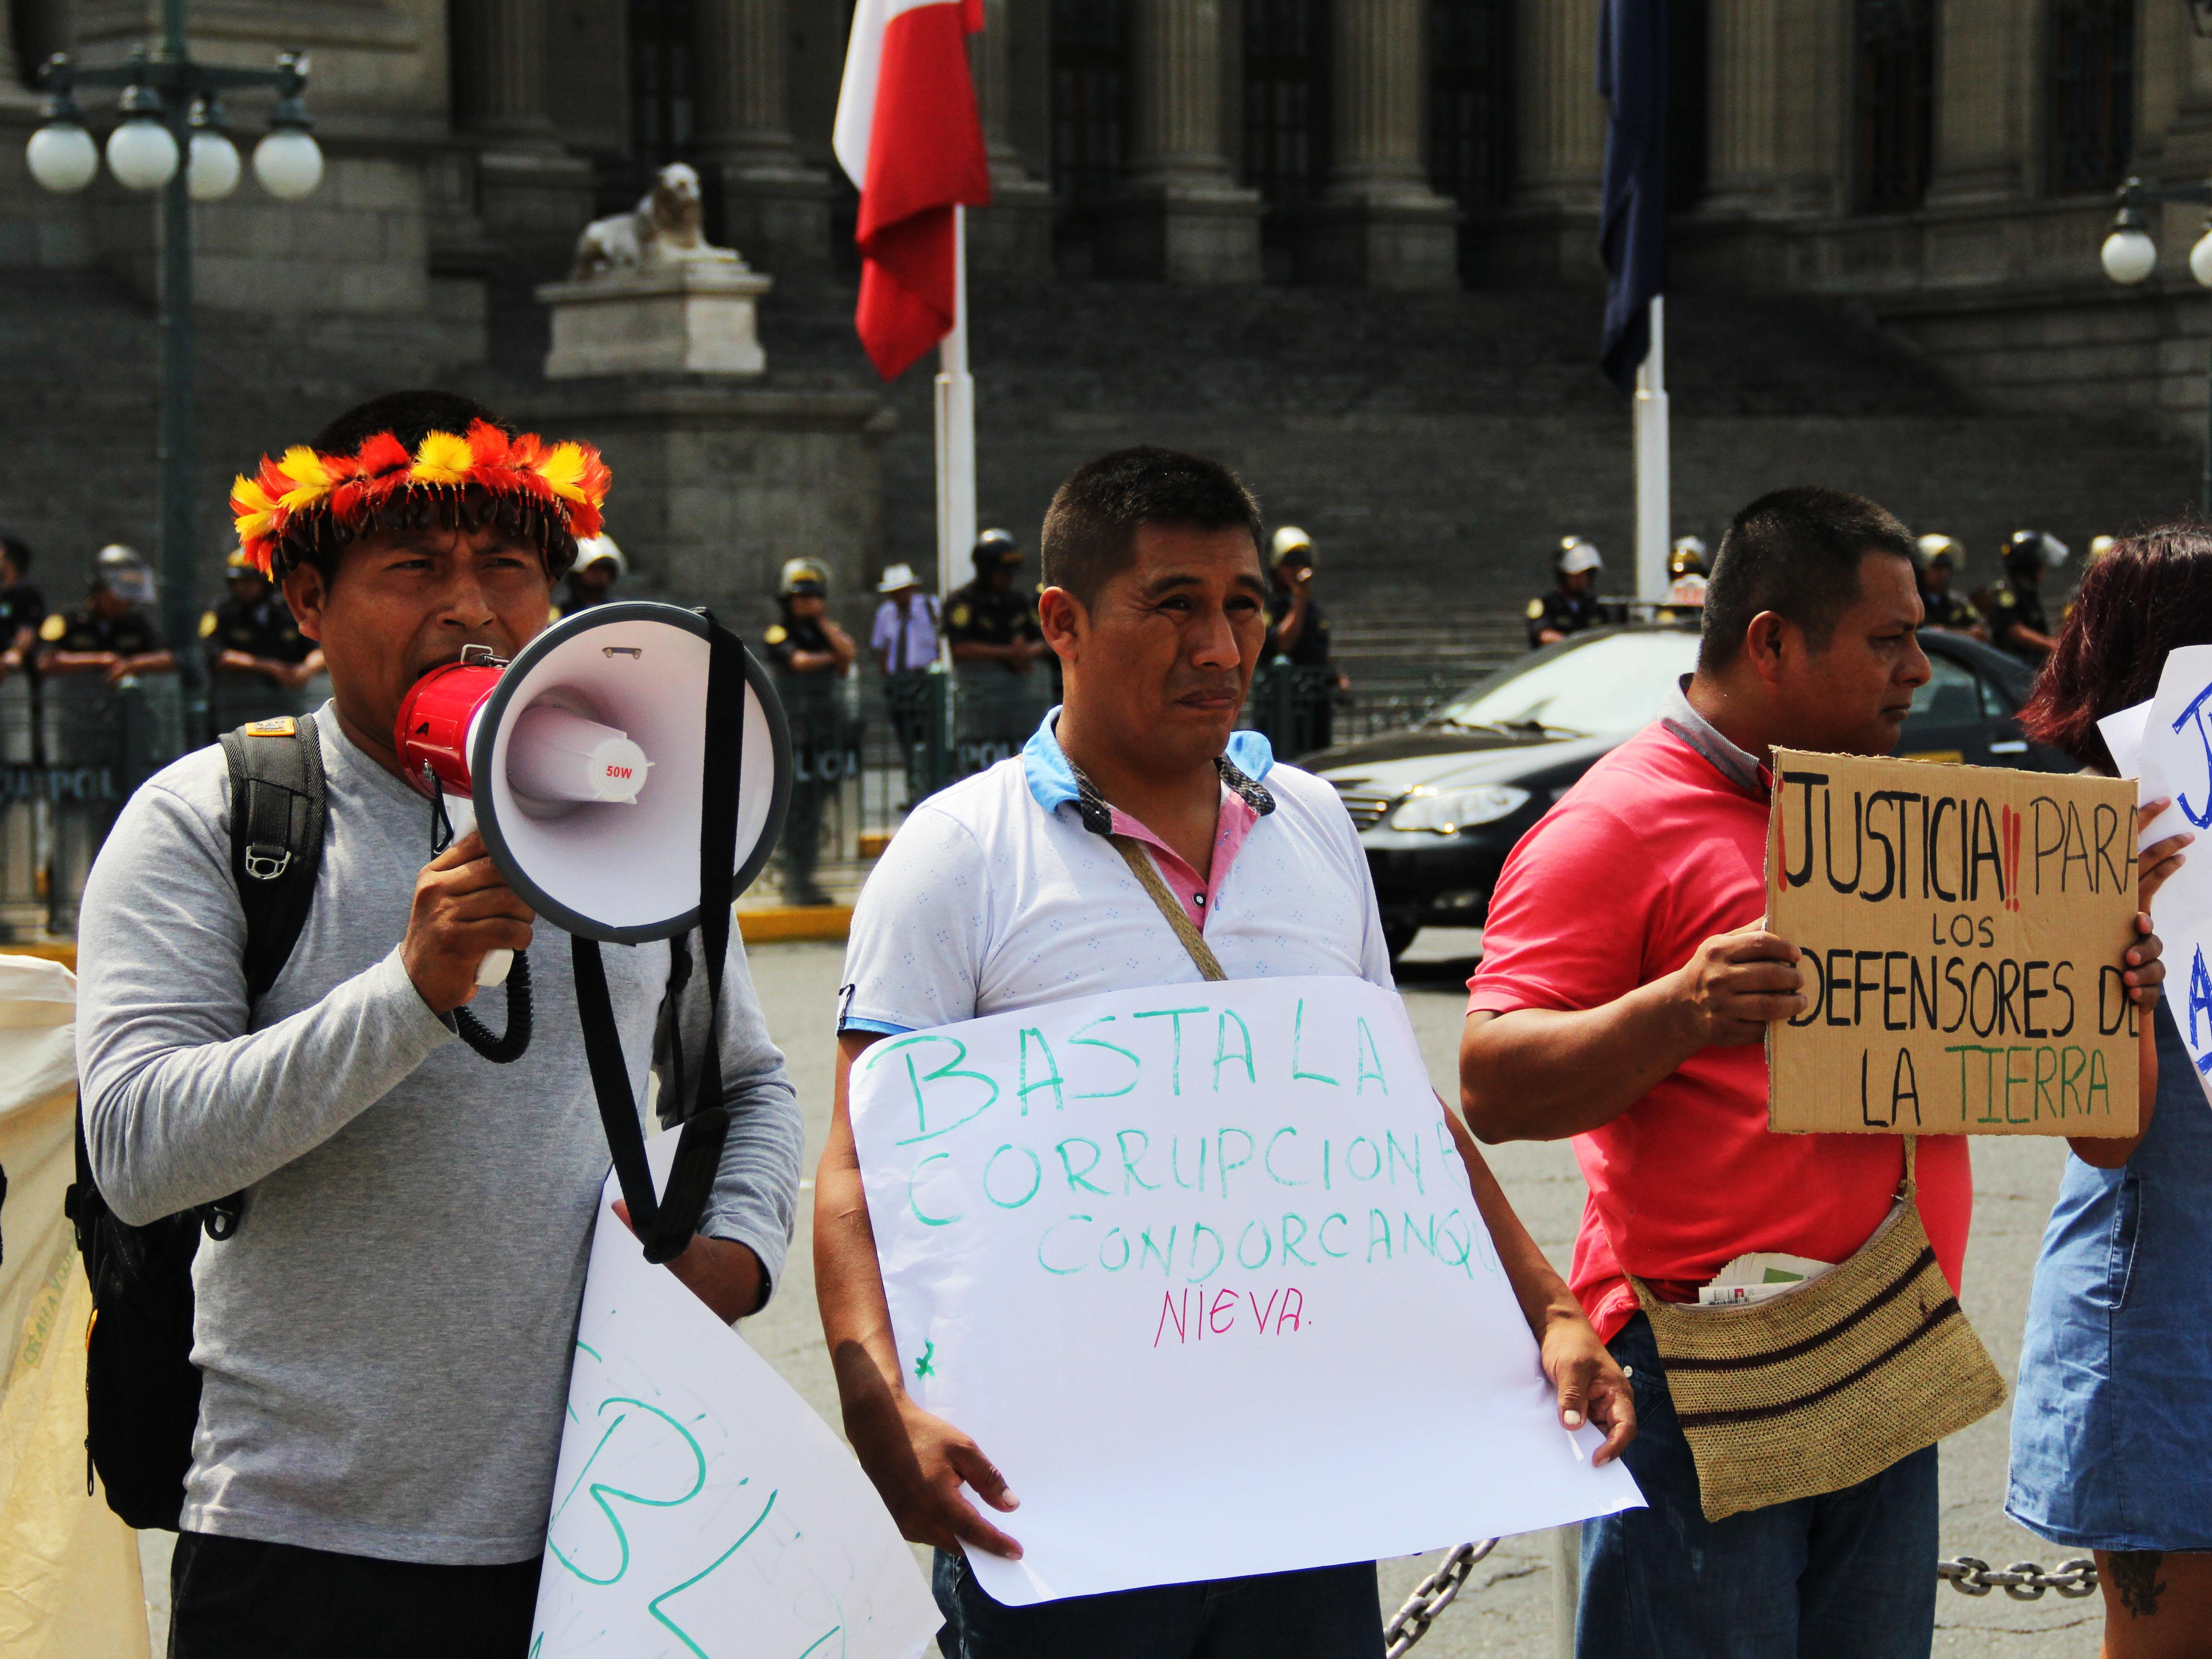 Ciudadanos exigen justicia por criminalización de defensores ambientales awajún